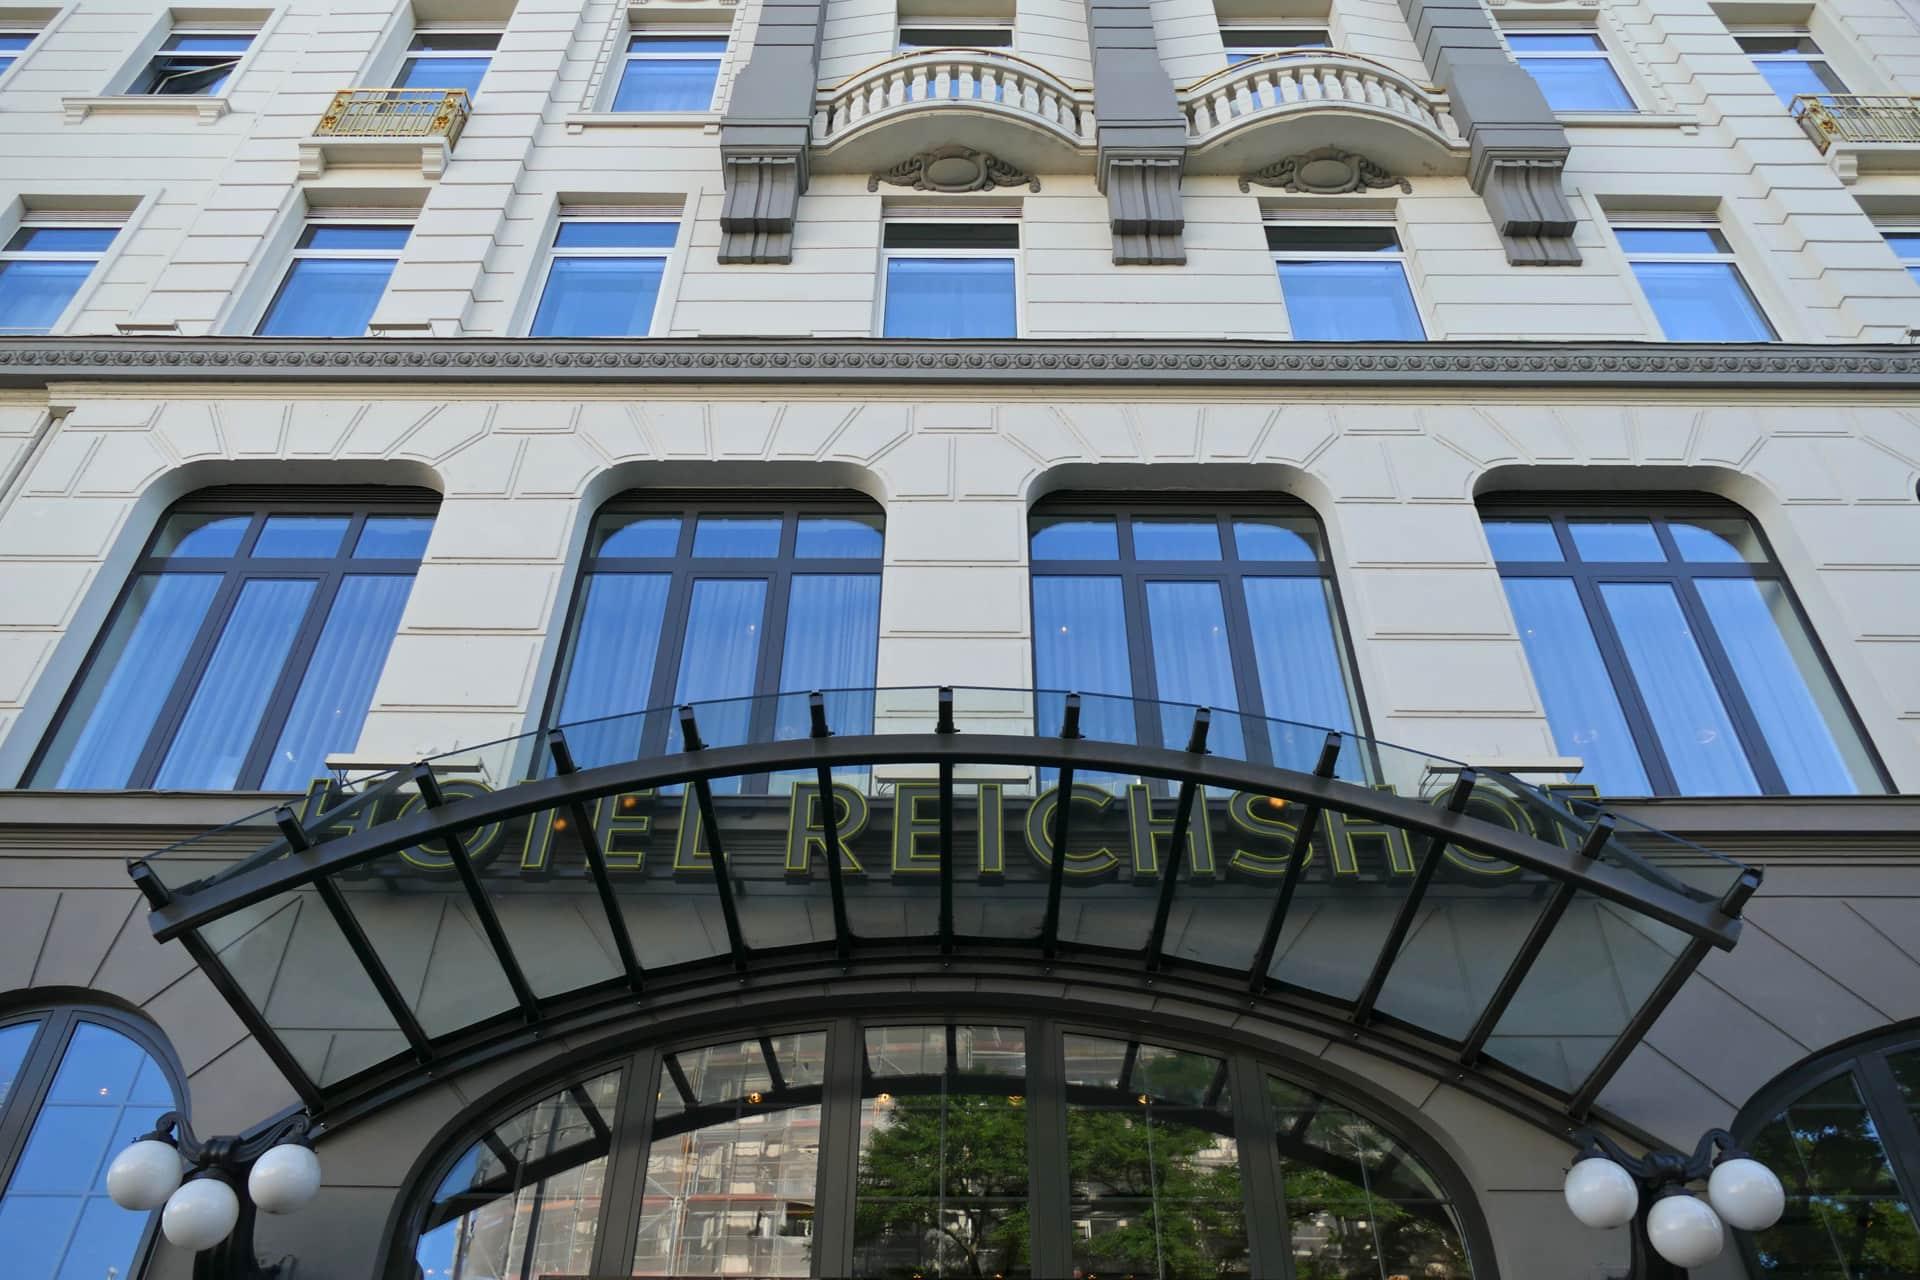 Reichshof hotel Hamburg